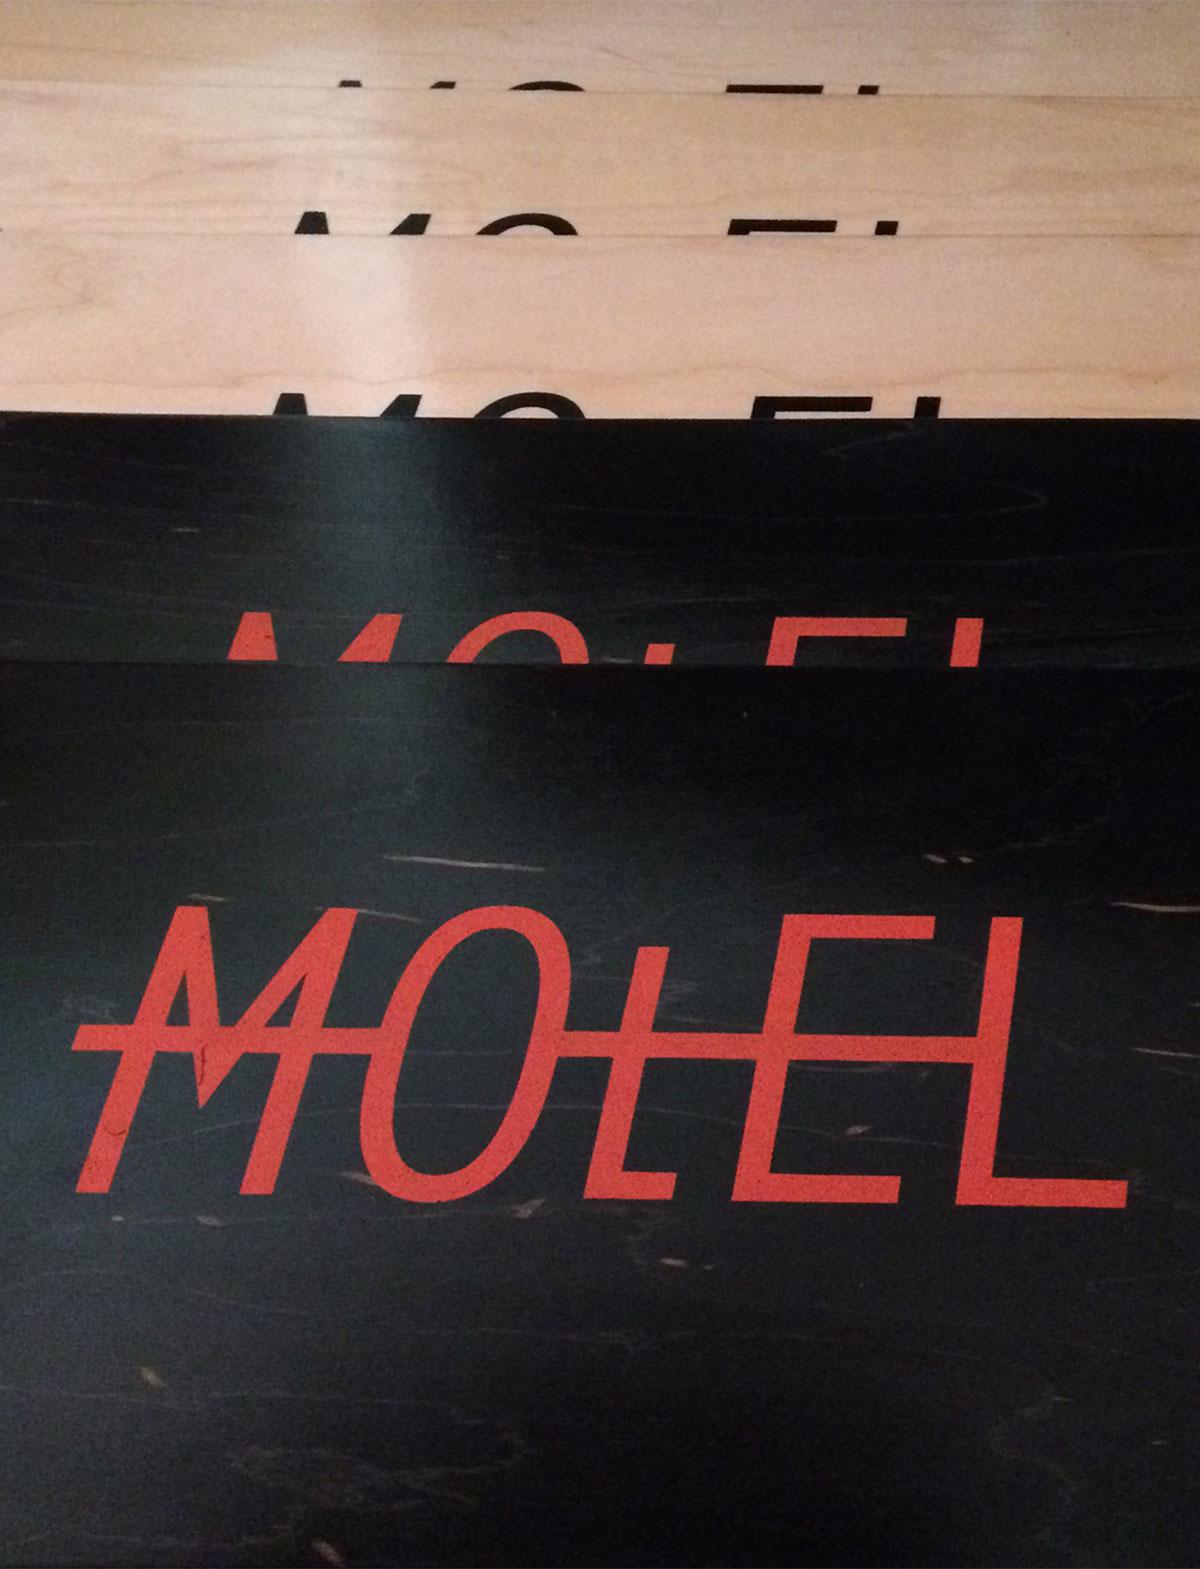 motel street-boutique skateboard prints by 6roads studio